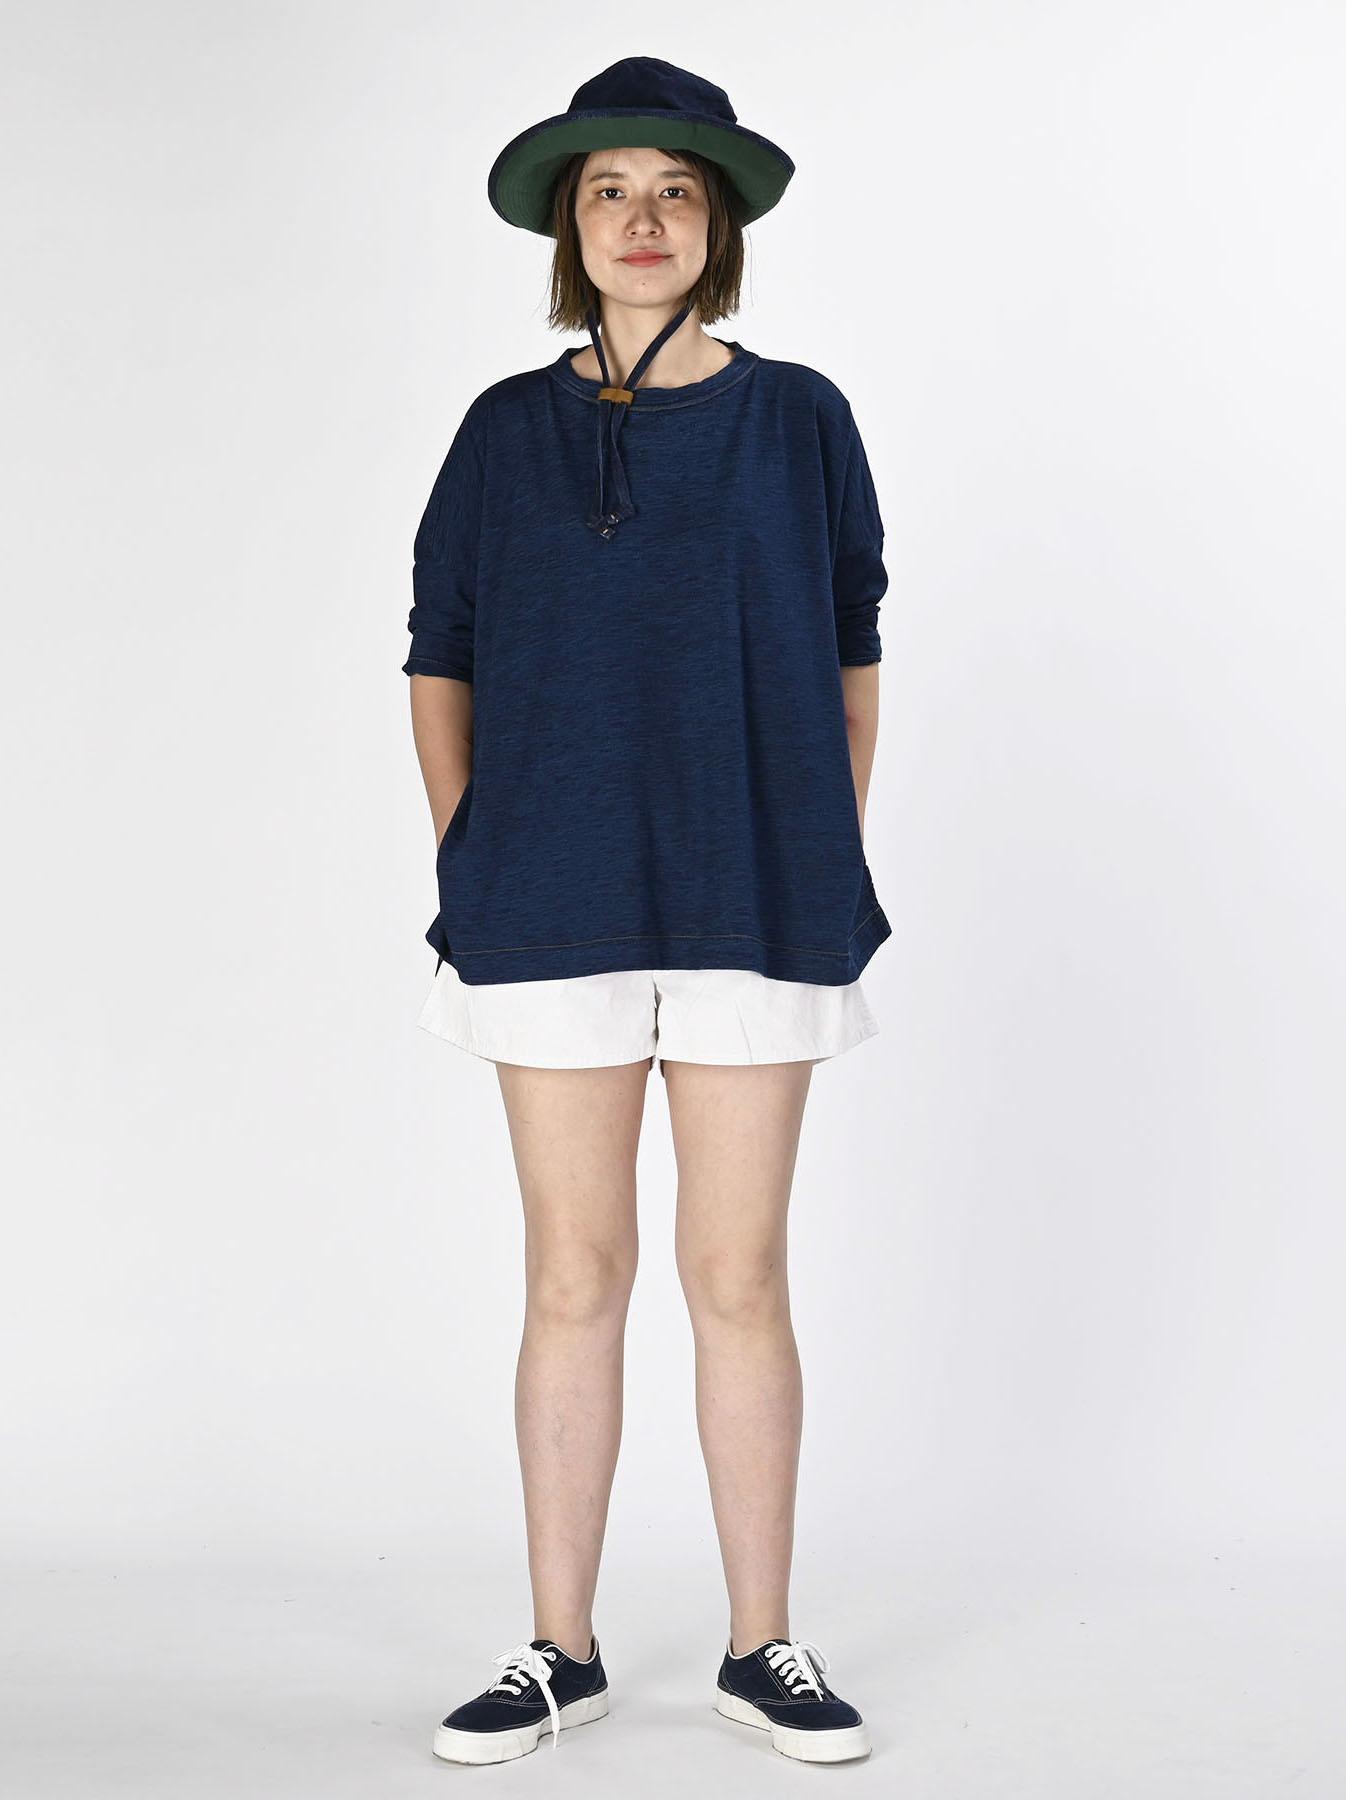 Indigo Zyu Zimbabwe Cotton Big Slit T-shirt (0721)-5